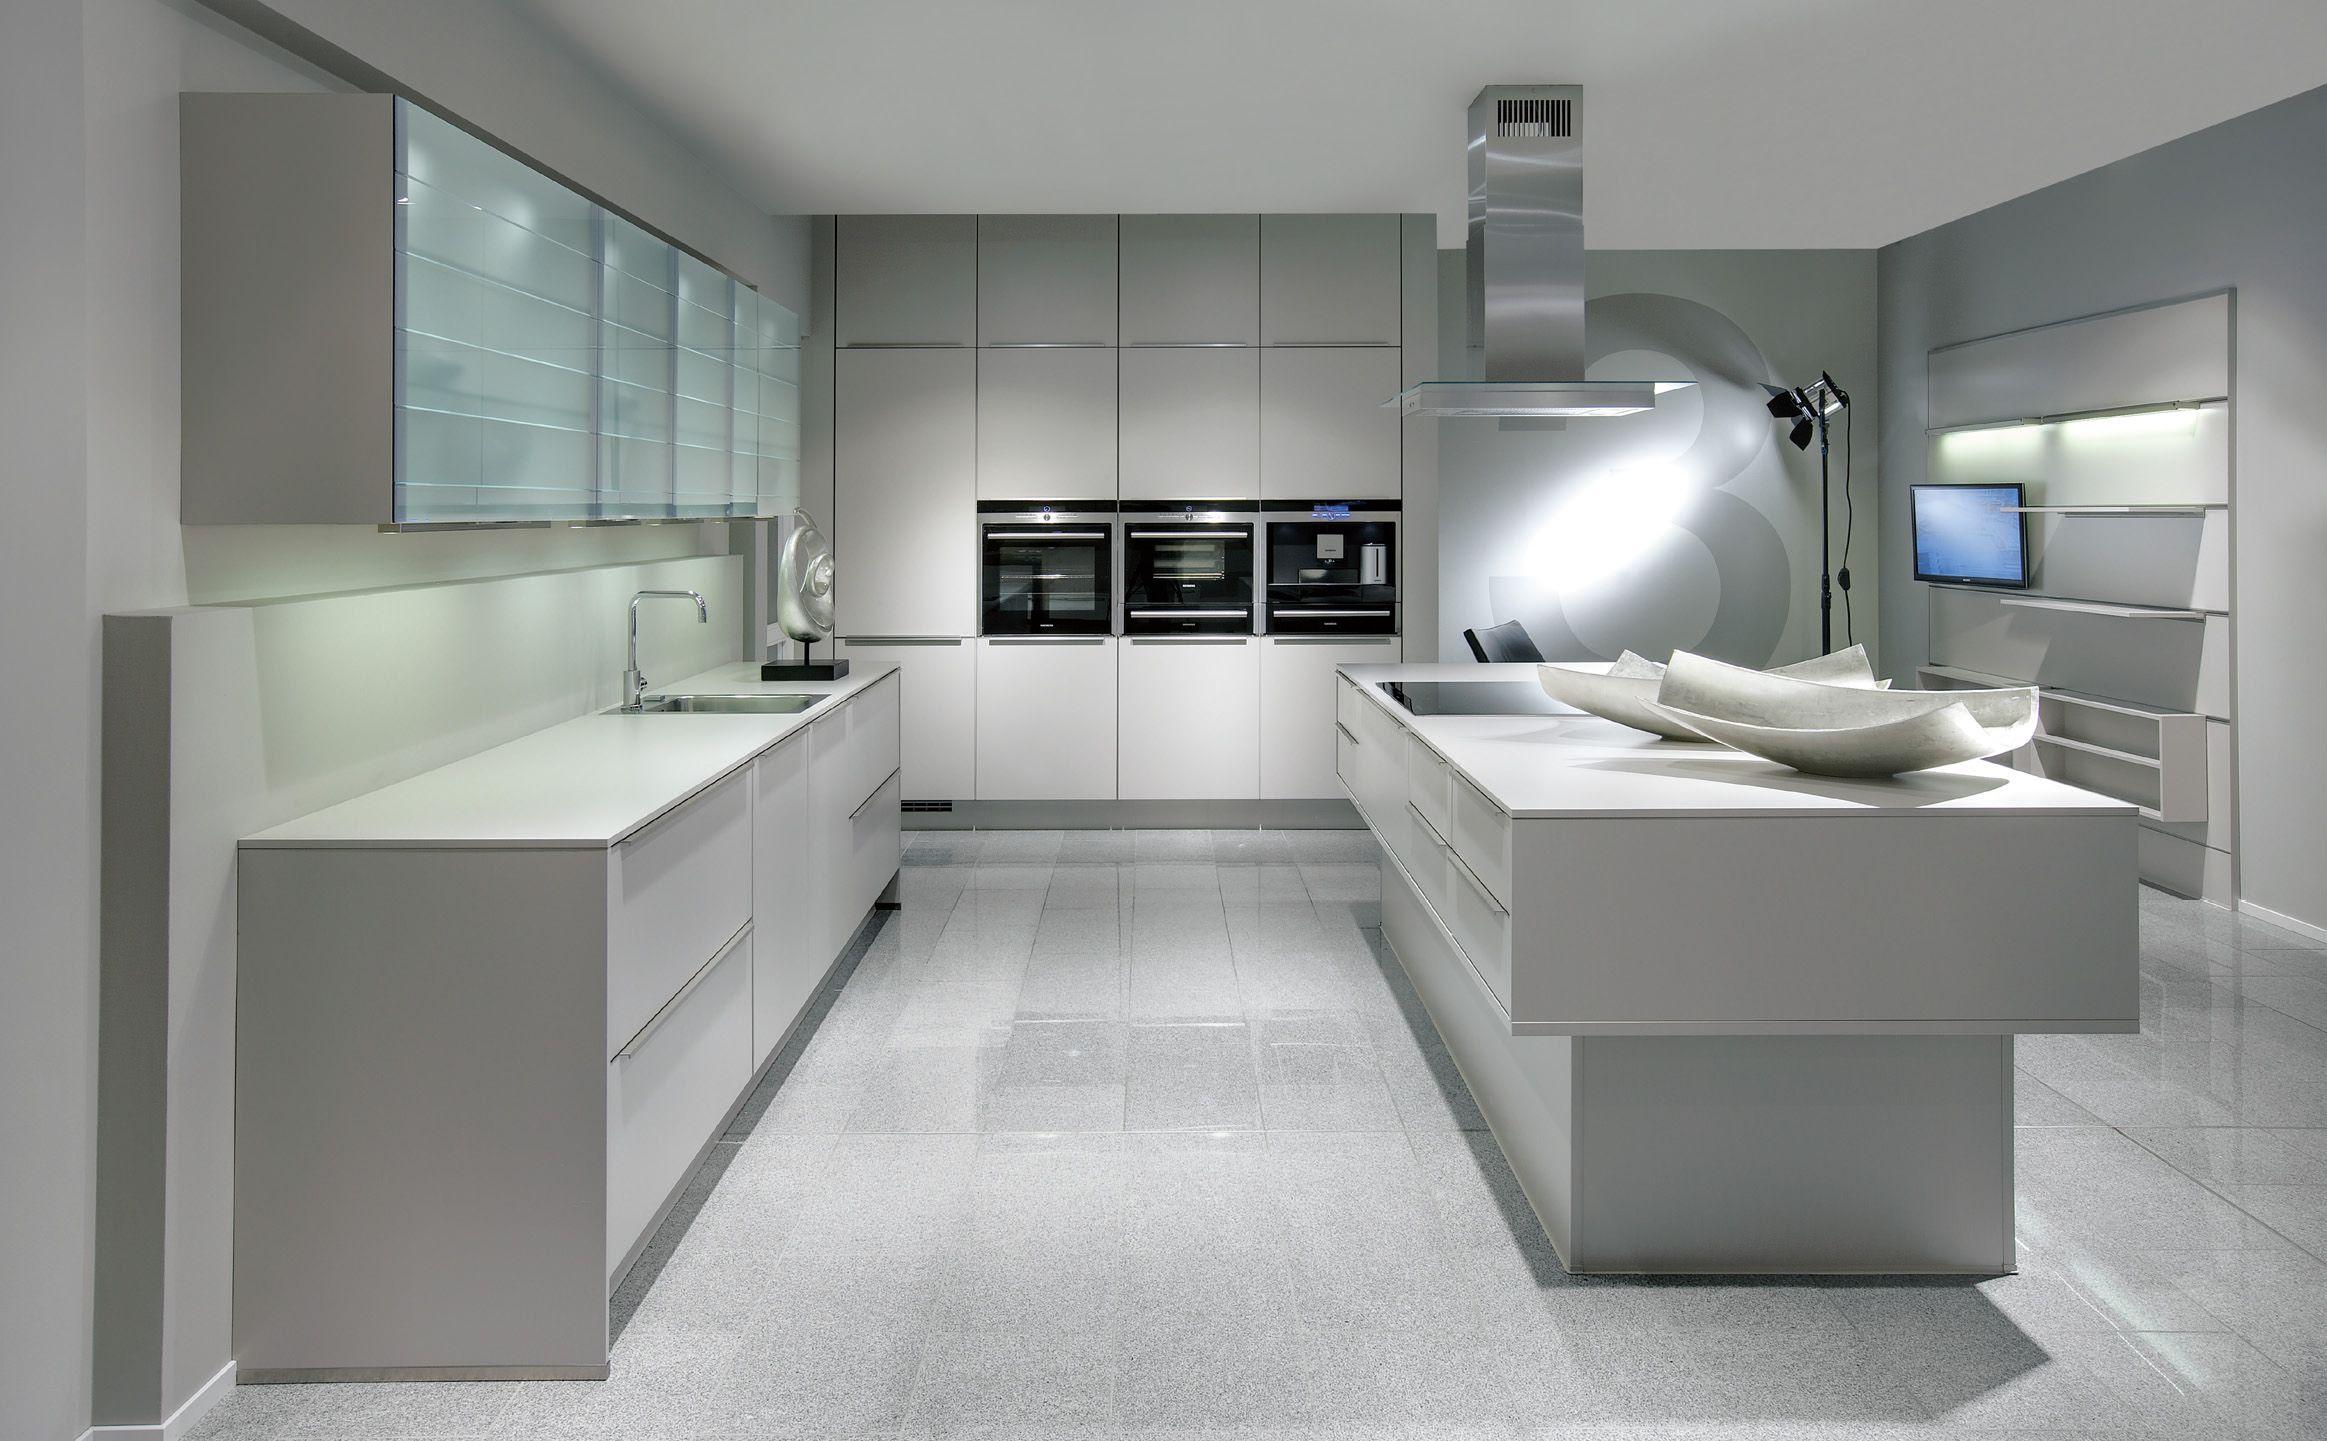 cocinas con isla precios | inspiración de diseño de interiores ...